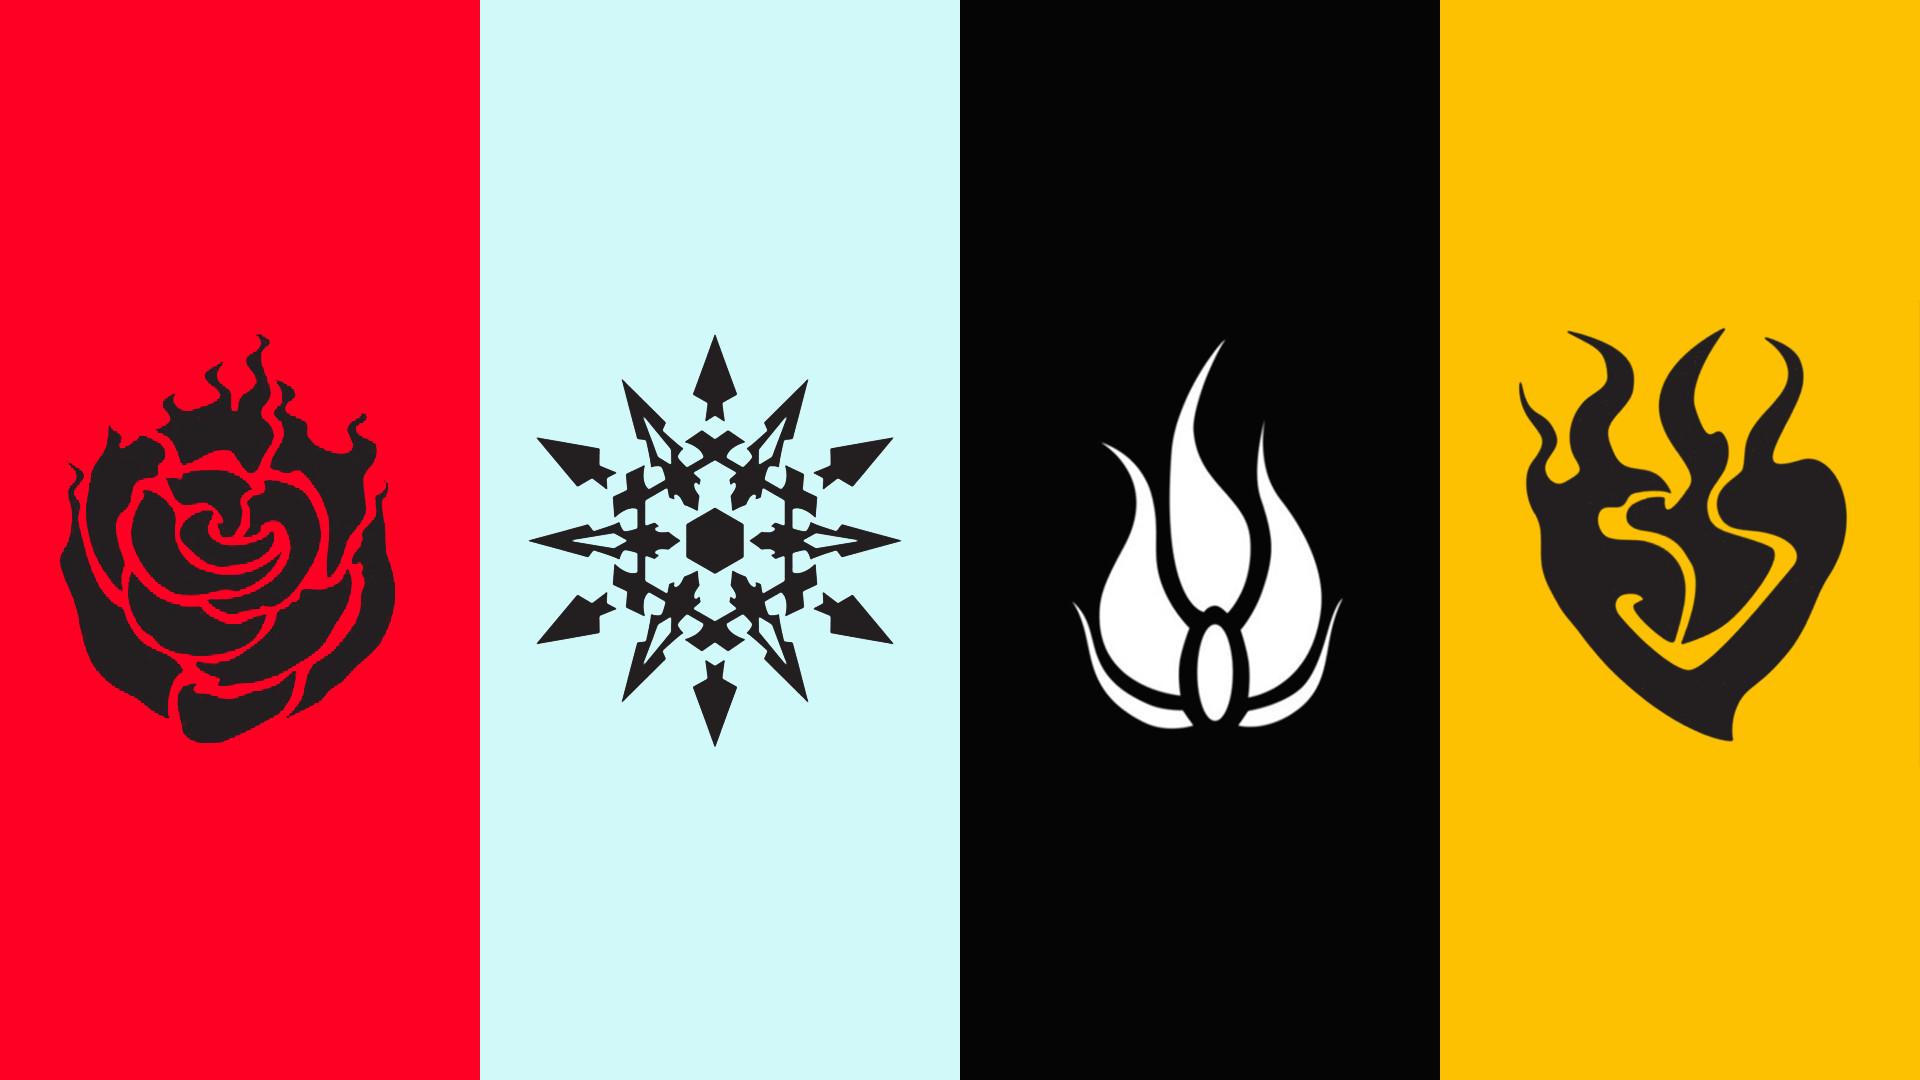 FAN ARTI made a minimalist RWBY emblem wallpaper!